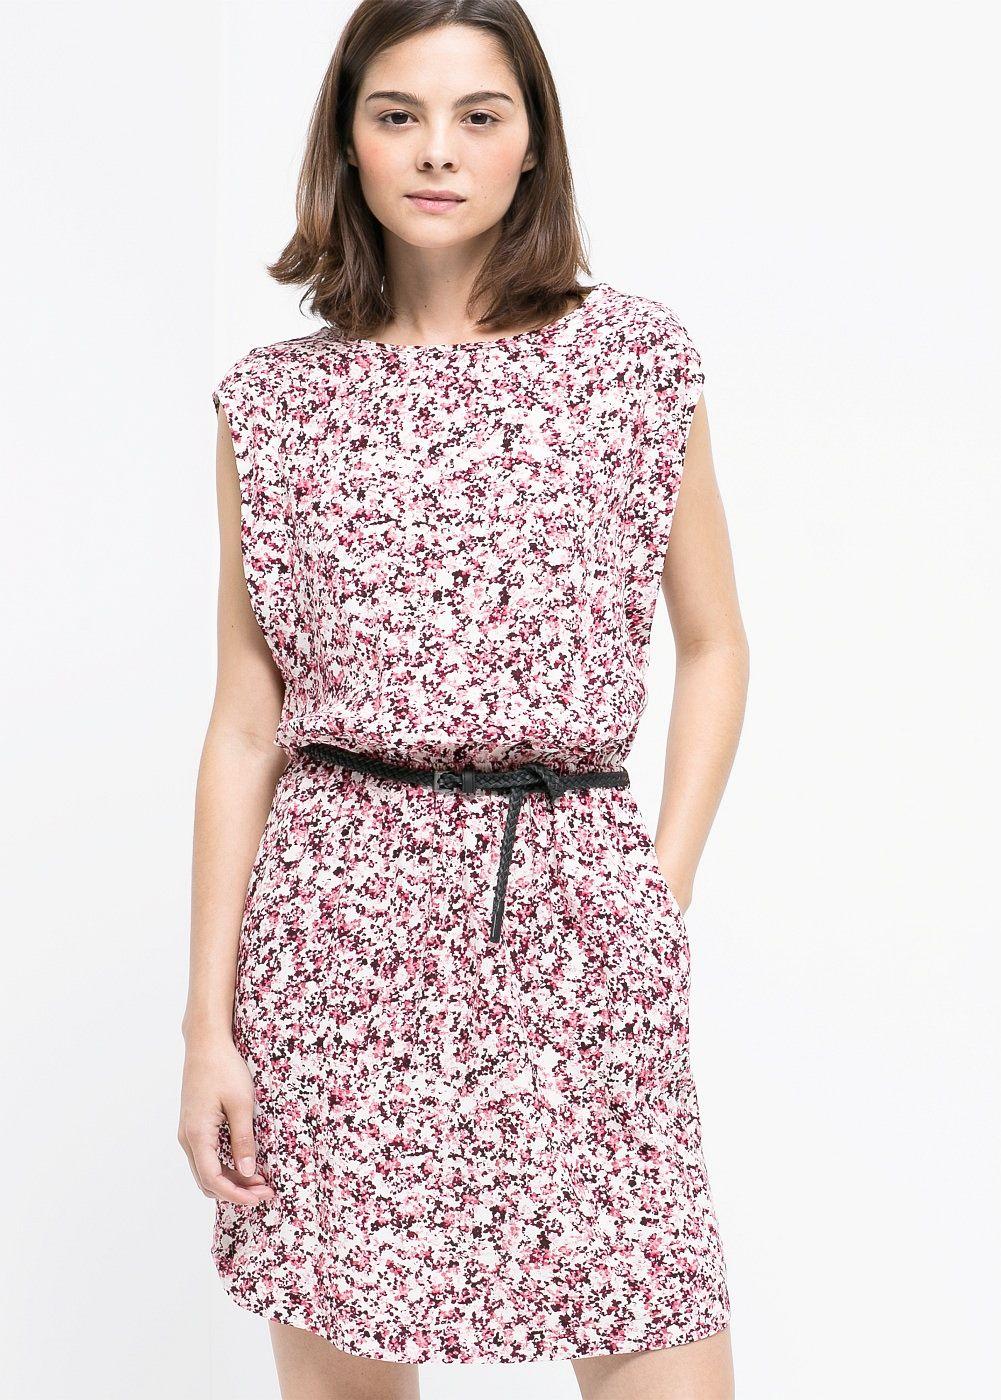 Bedrucktes kleid - Damen | Bedruckte kleider, Kleider und ...